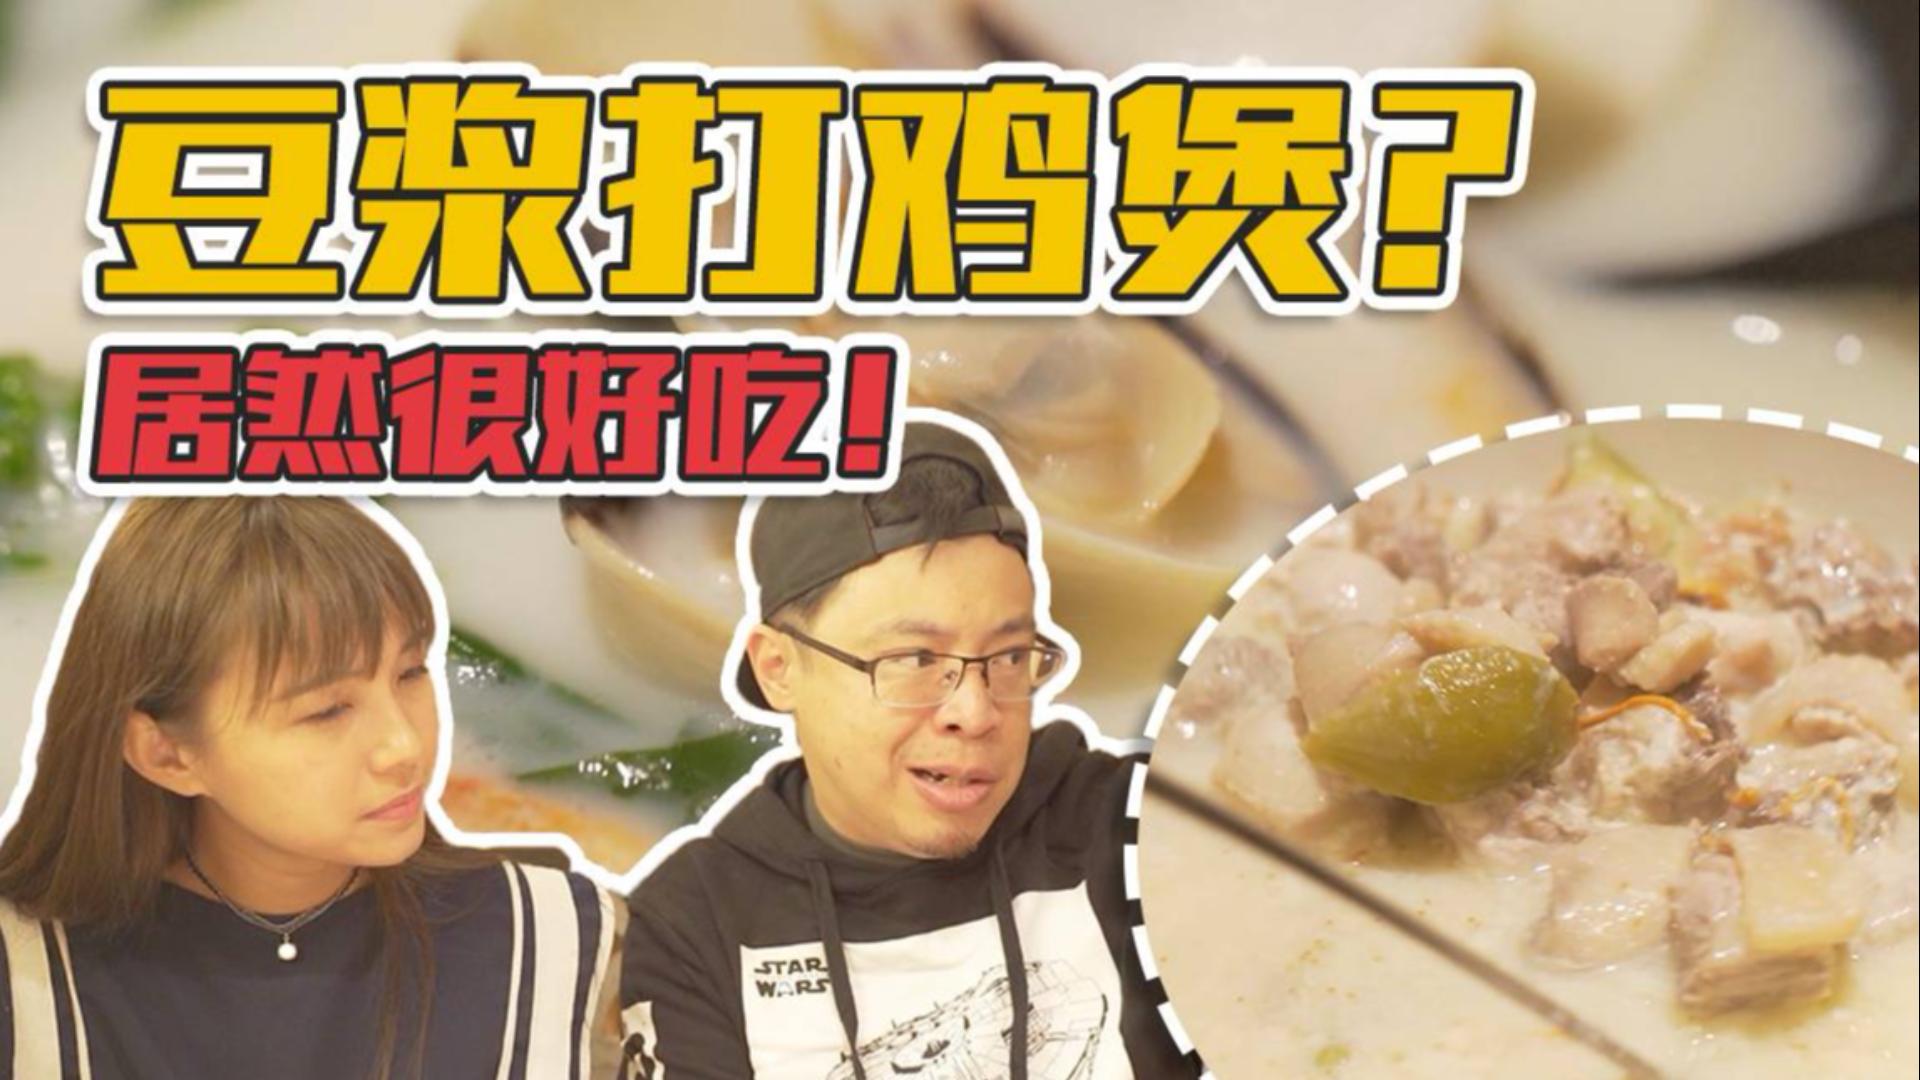 用豆浆做汤底打鸡煲?竟然还很好吃!